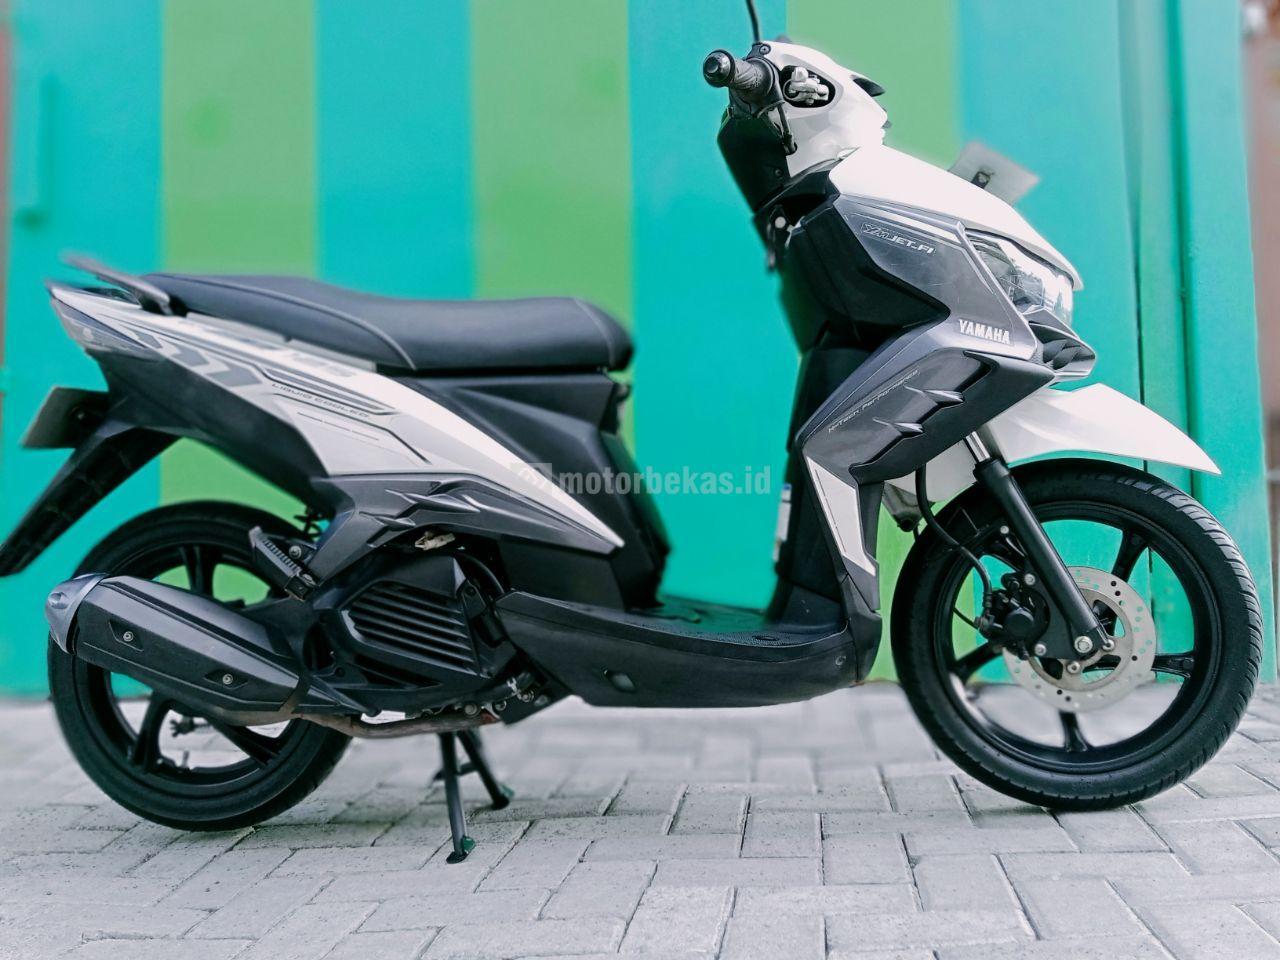 YAMAHA XEON FI 1454 motorbekas.id